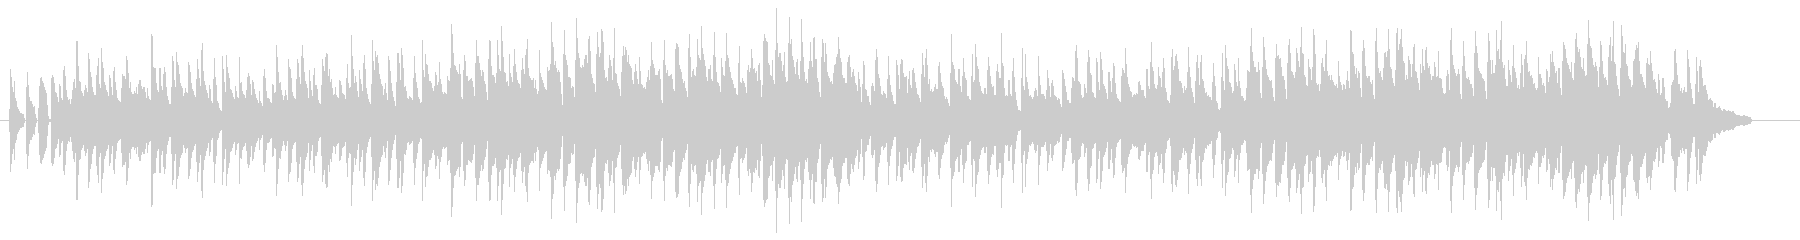 素朴でコミカルな、ピアノとウクレレがメ…の未再生の波形